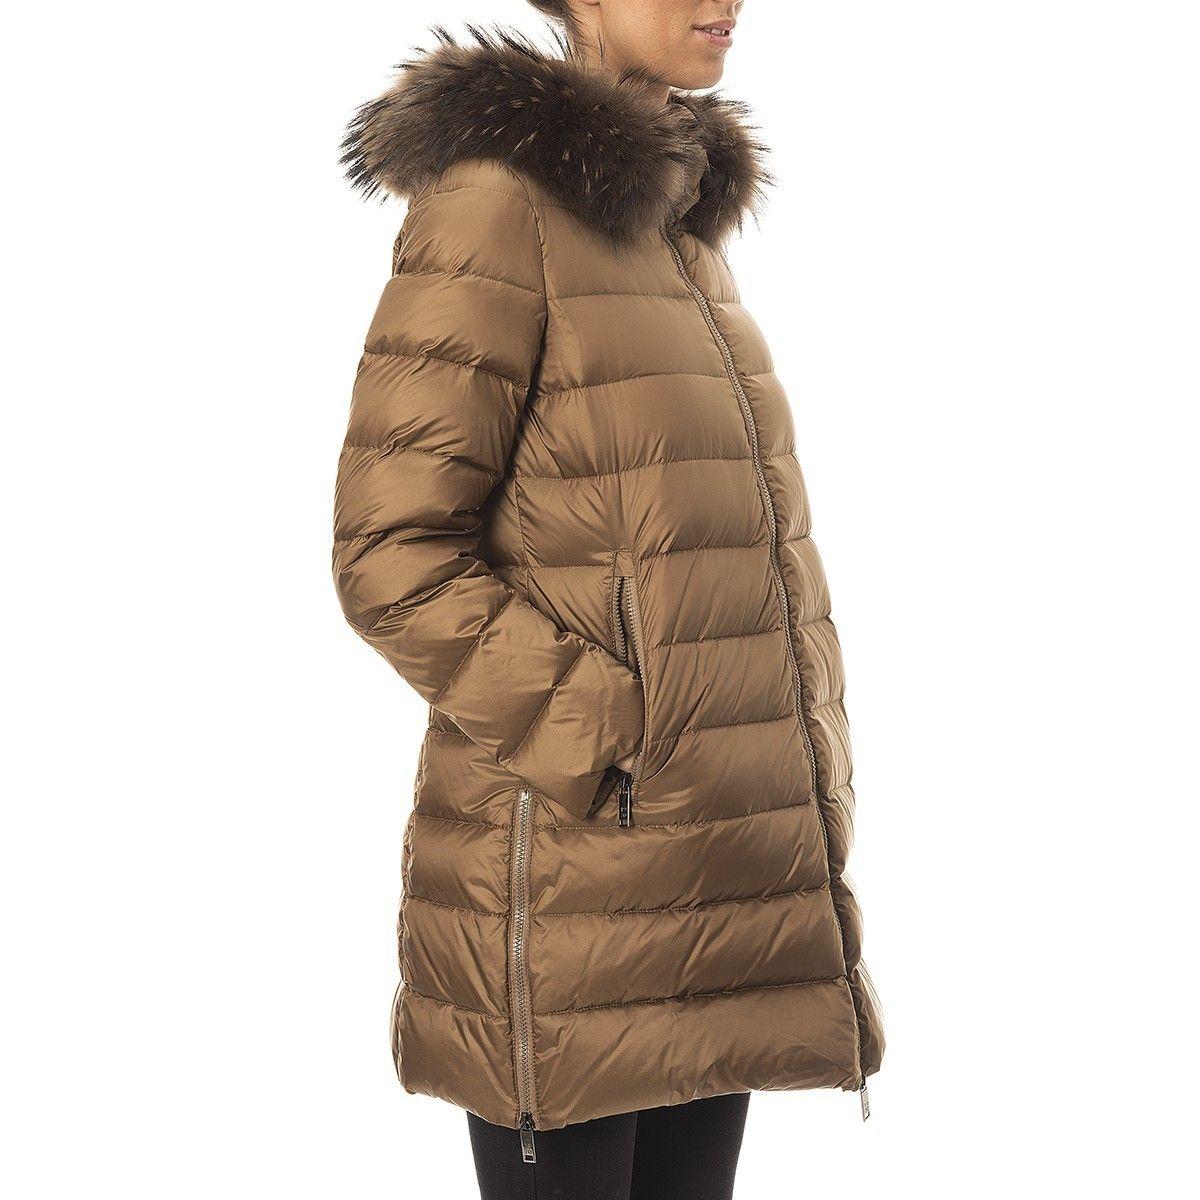 hot sale online 65492 45815 Piumino Lungo Con Cappuccio 19.70 Seventy Cod. CS0973-90-480052